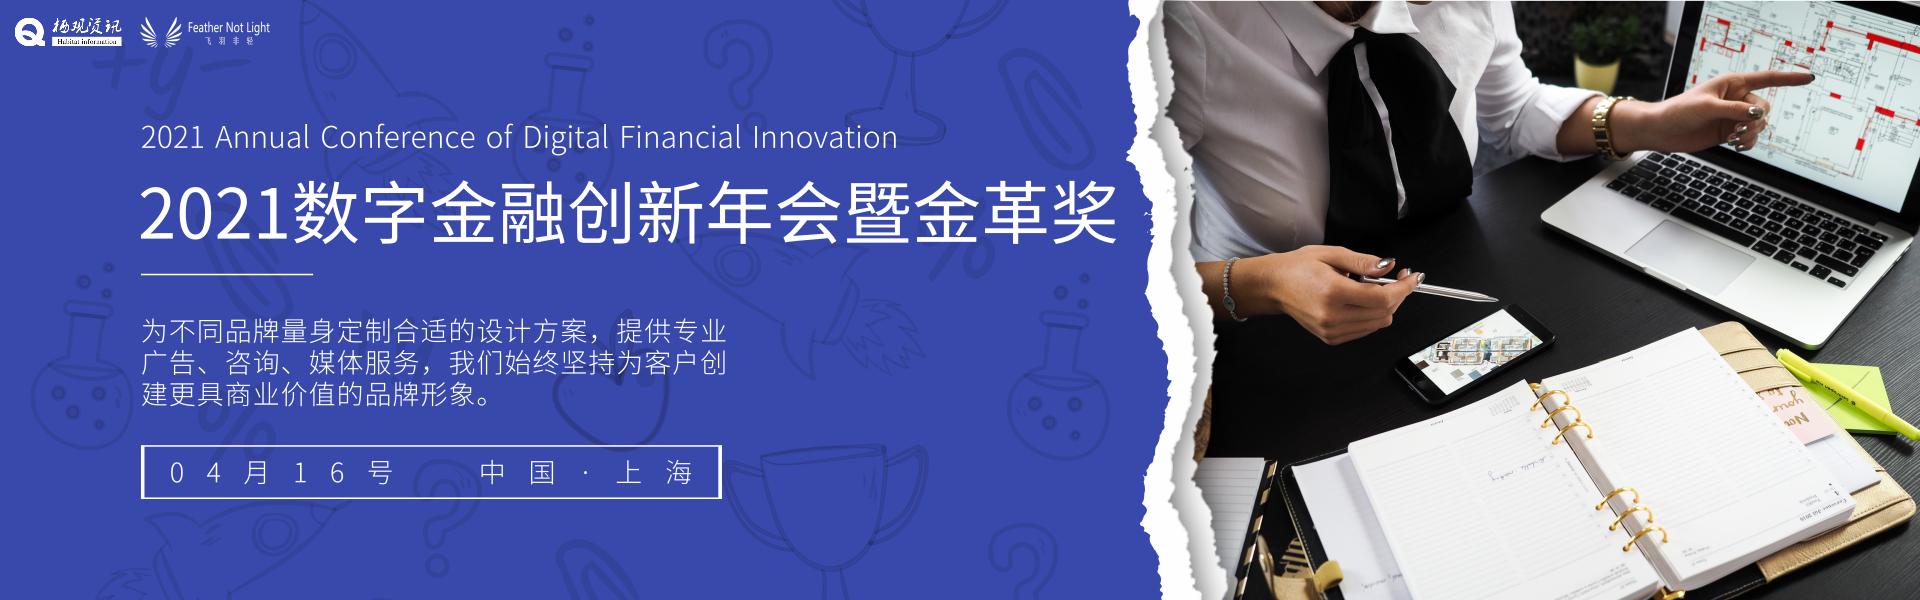 2021数字金融创新年会及金革奖